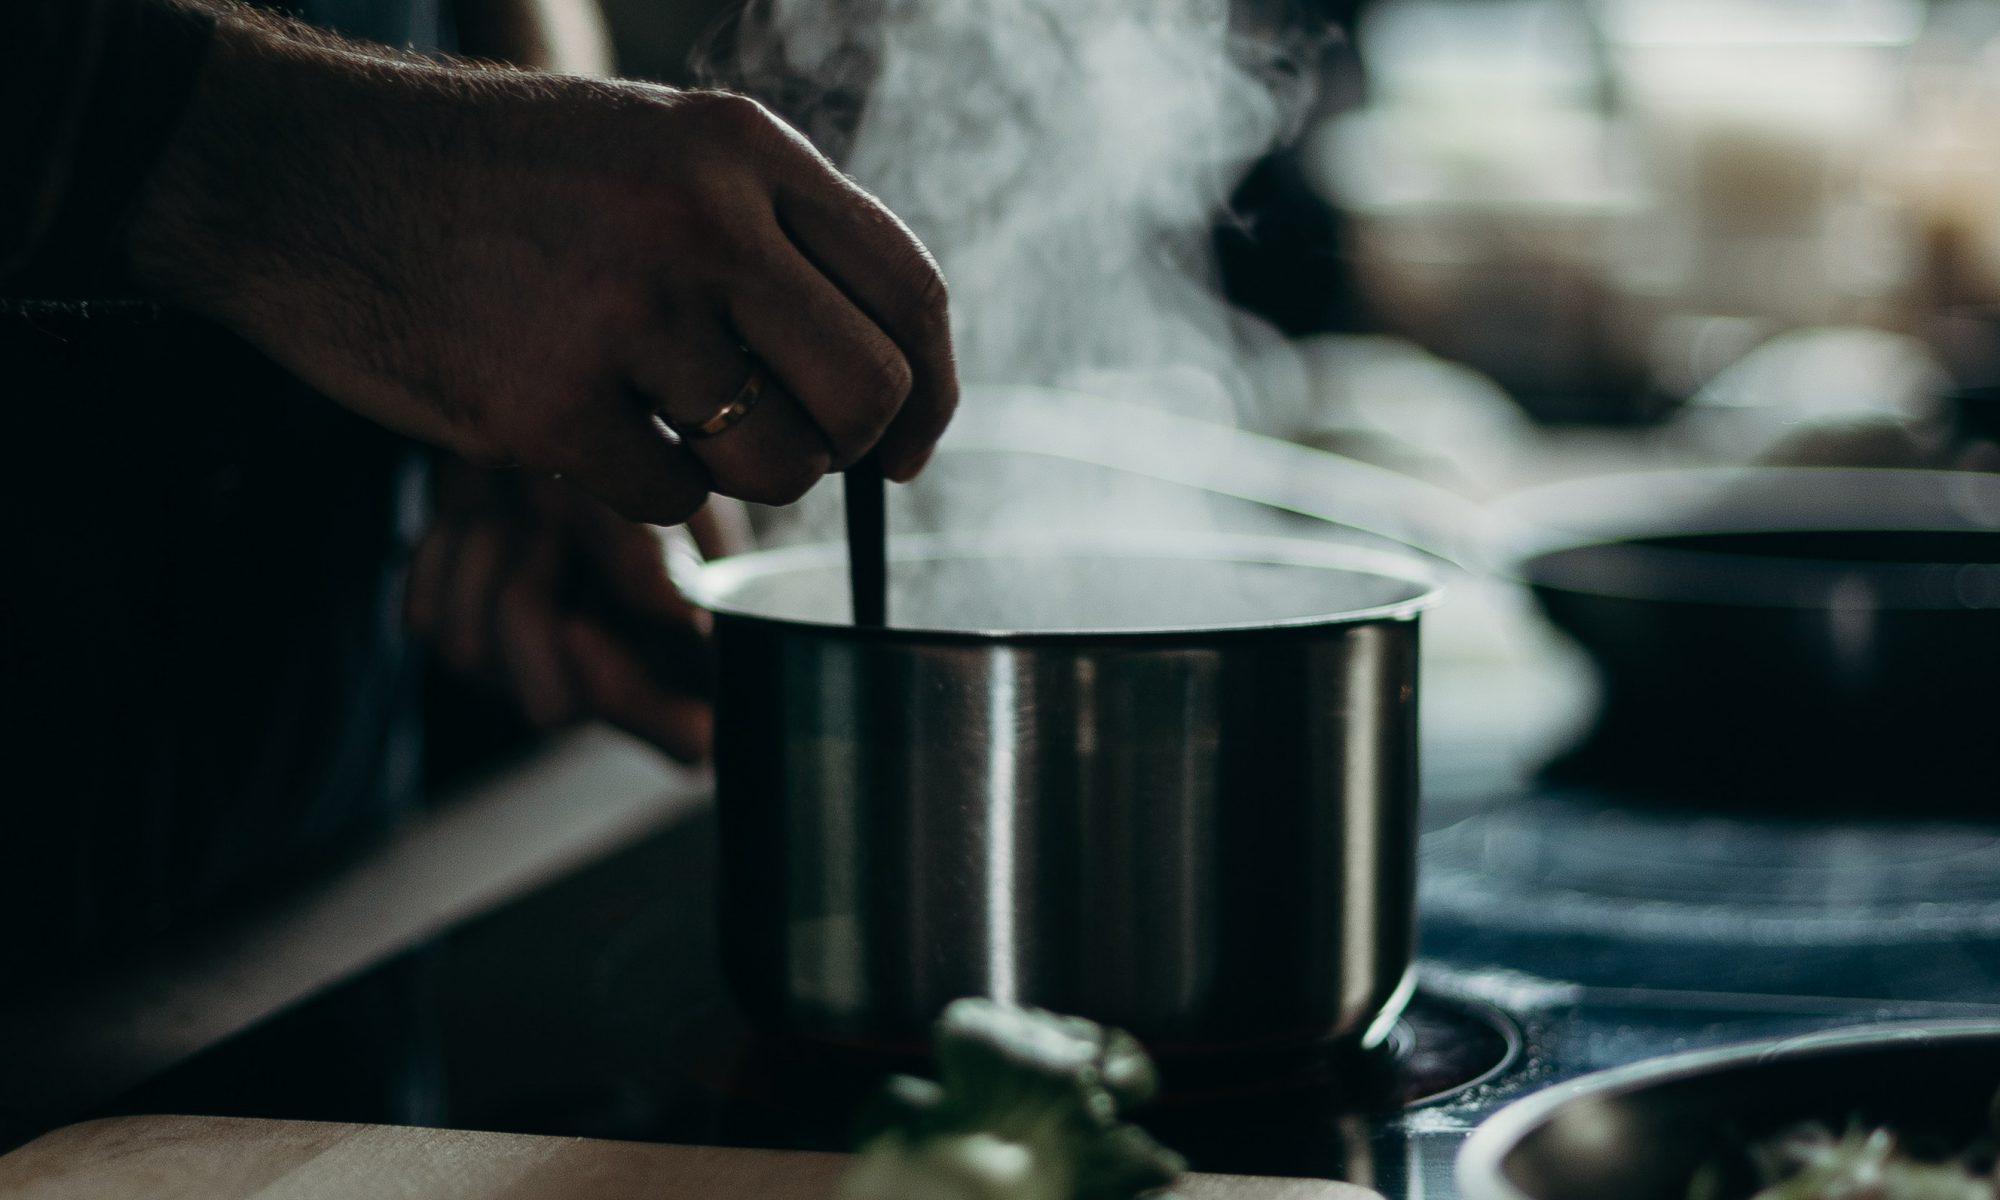 Brandpreventie met kookbeveiligers van Vulkon